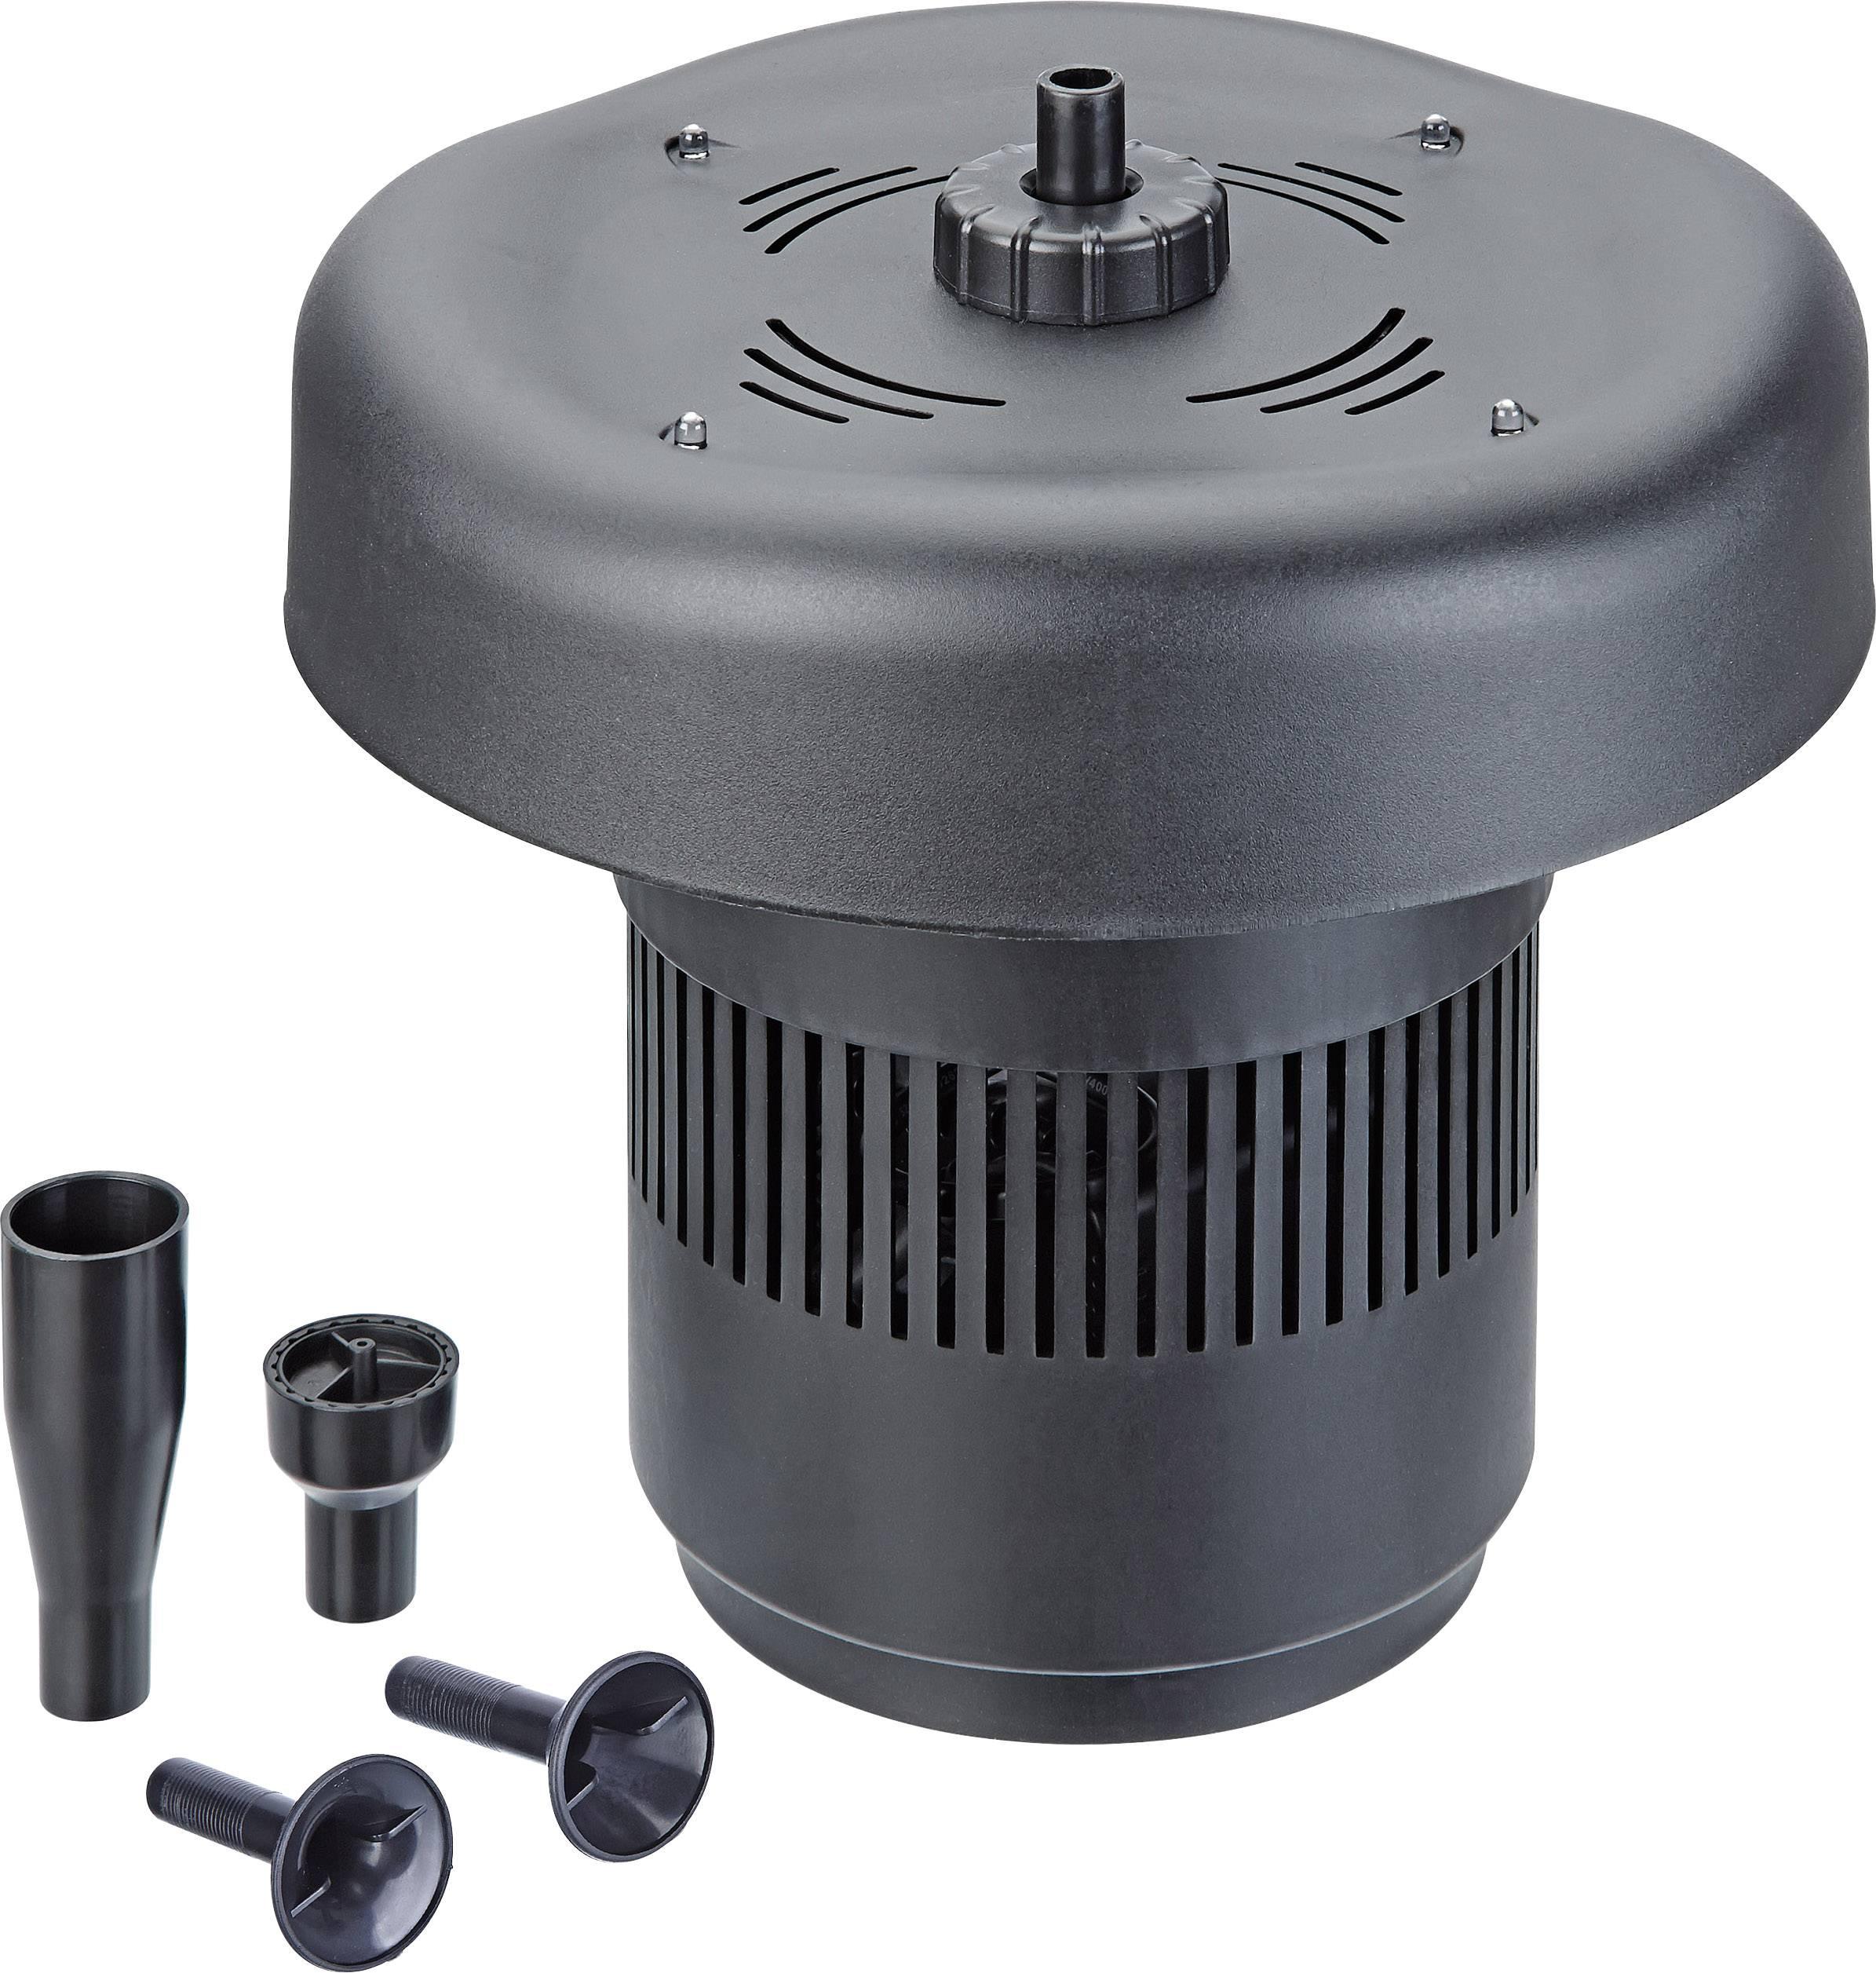 Filterpomp Pontec Met UVC-zuiveringsapparaat, Met verlichting 1200 l ...